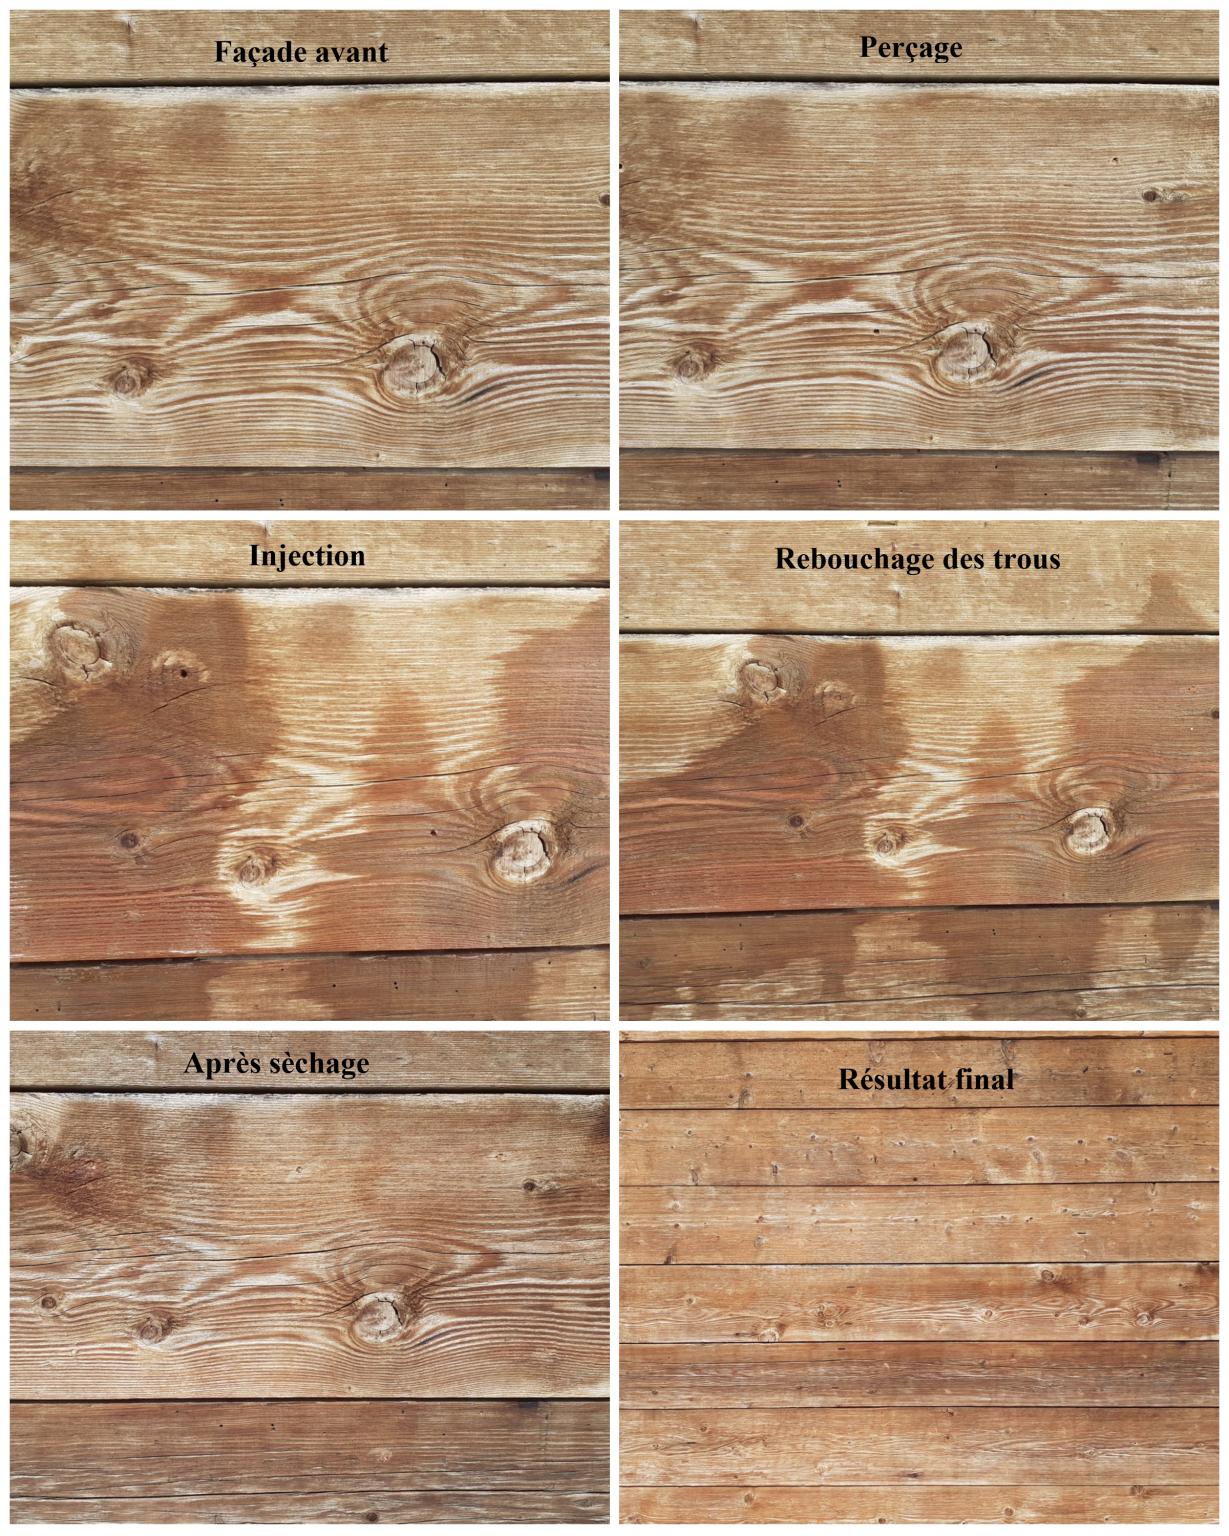 réalisation traitement du bois